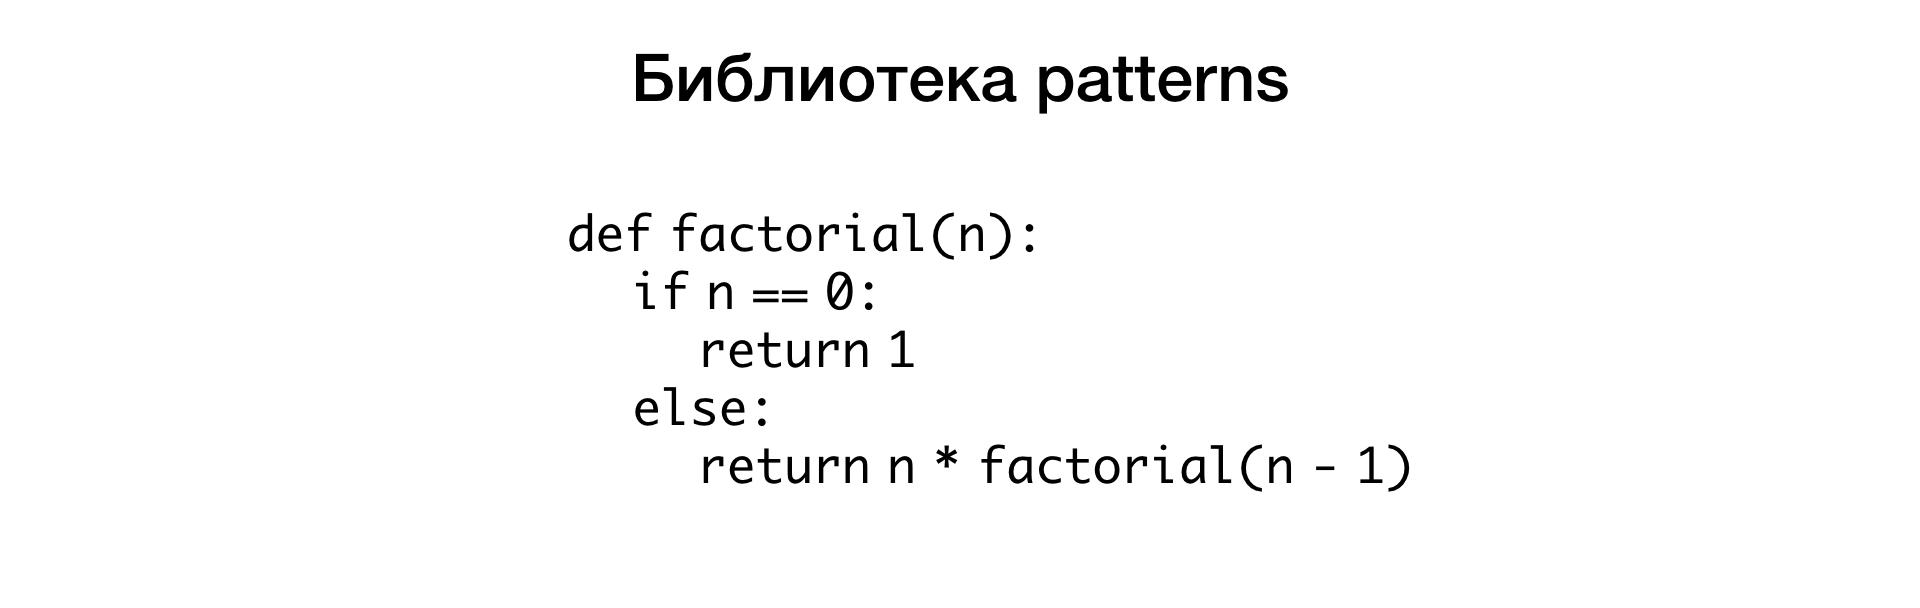 Макросы для питониста. Доклад Яндекса - 10